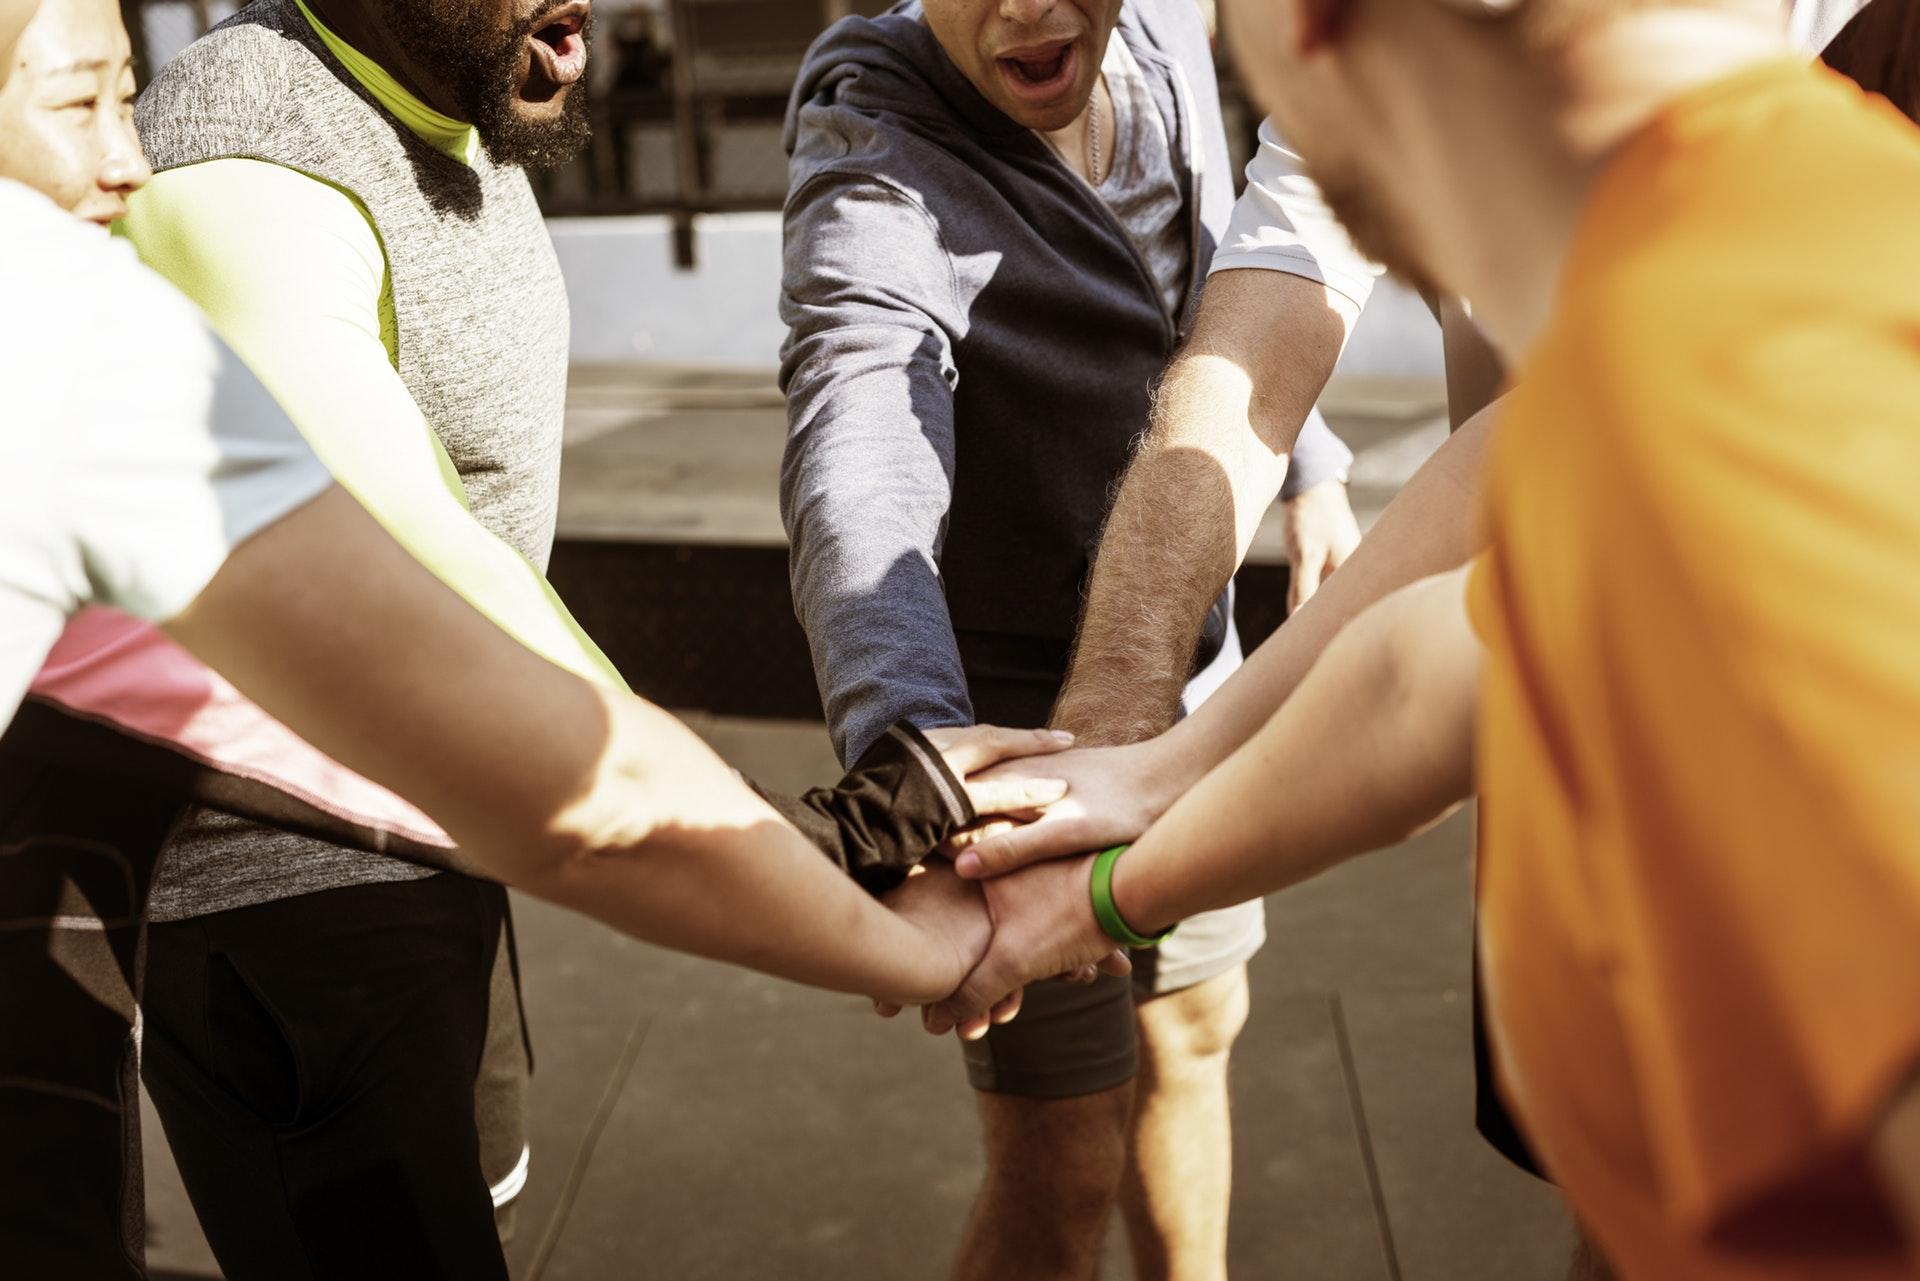 Jaki sport wybrać? Znajdź dyscyplinę idealną dla Ciebie!